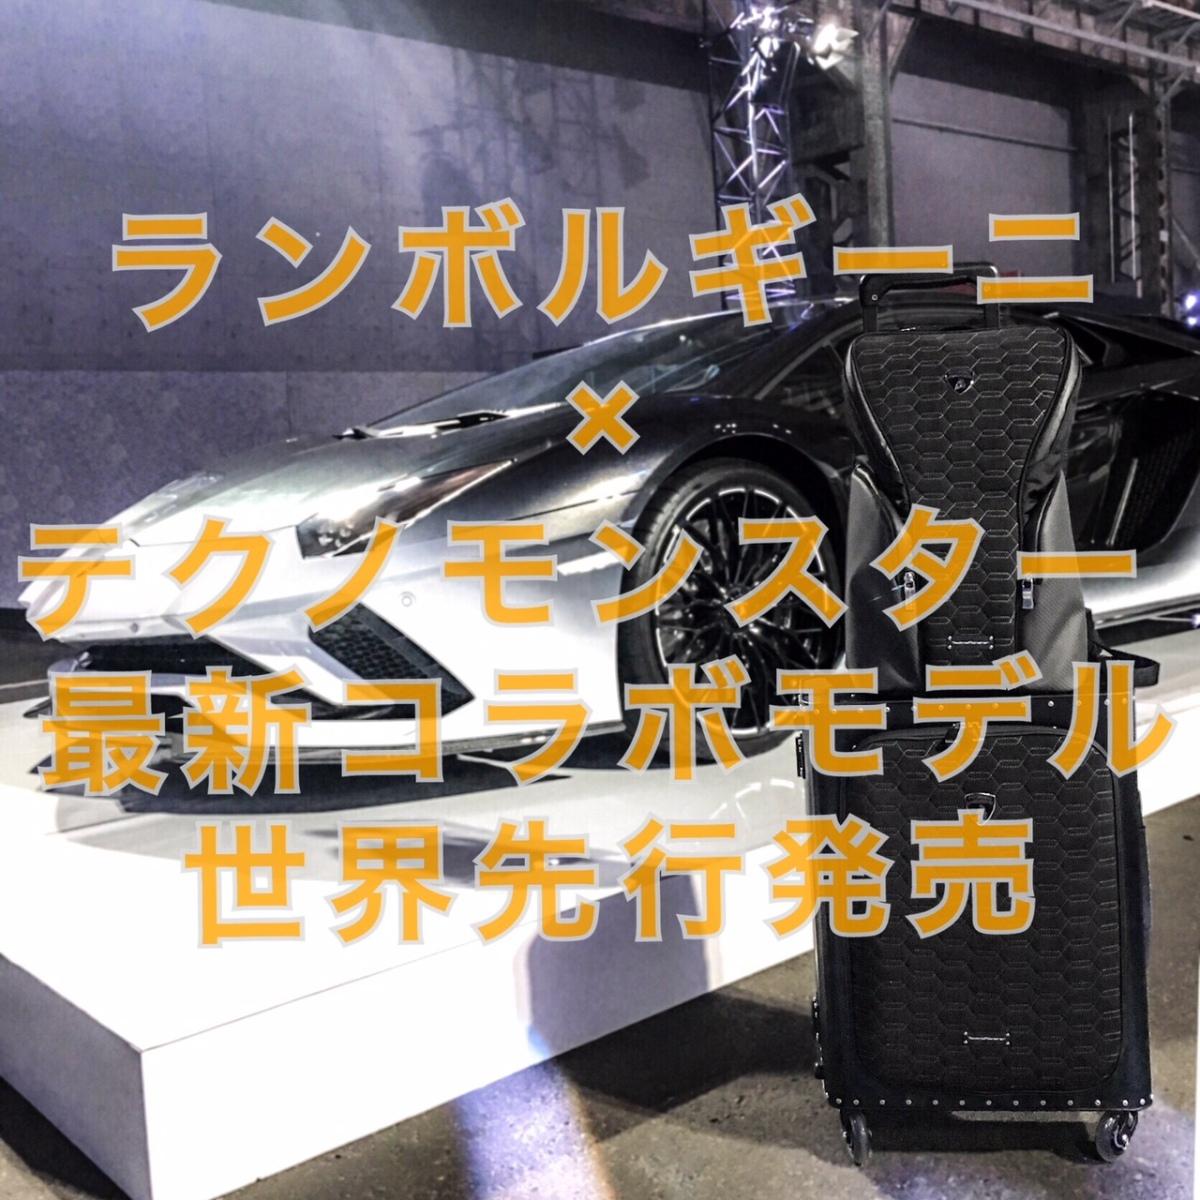 世界初リリース Lamborghini × Tecknomonster 新シリーズ